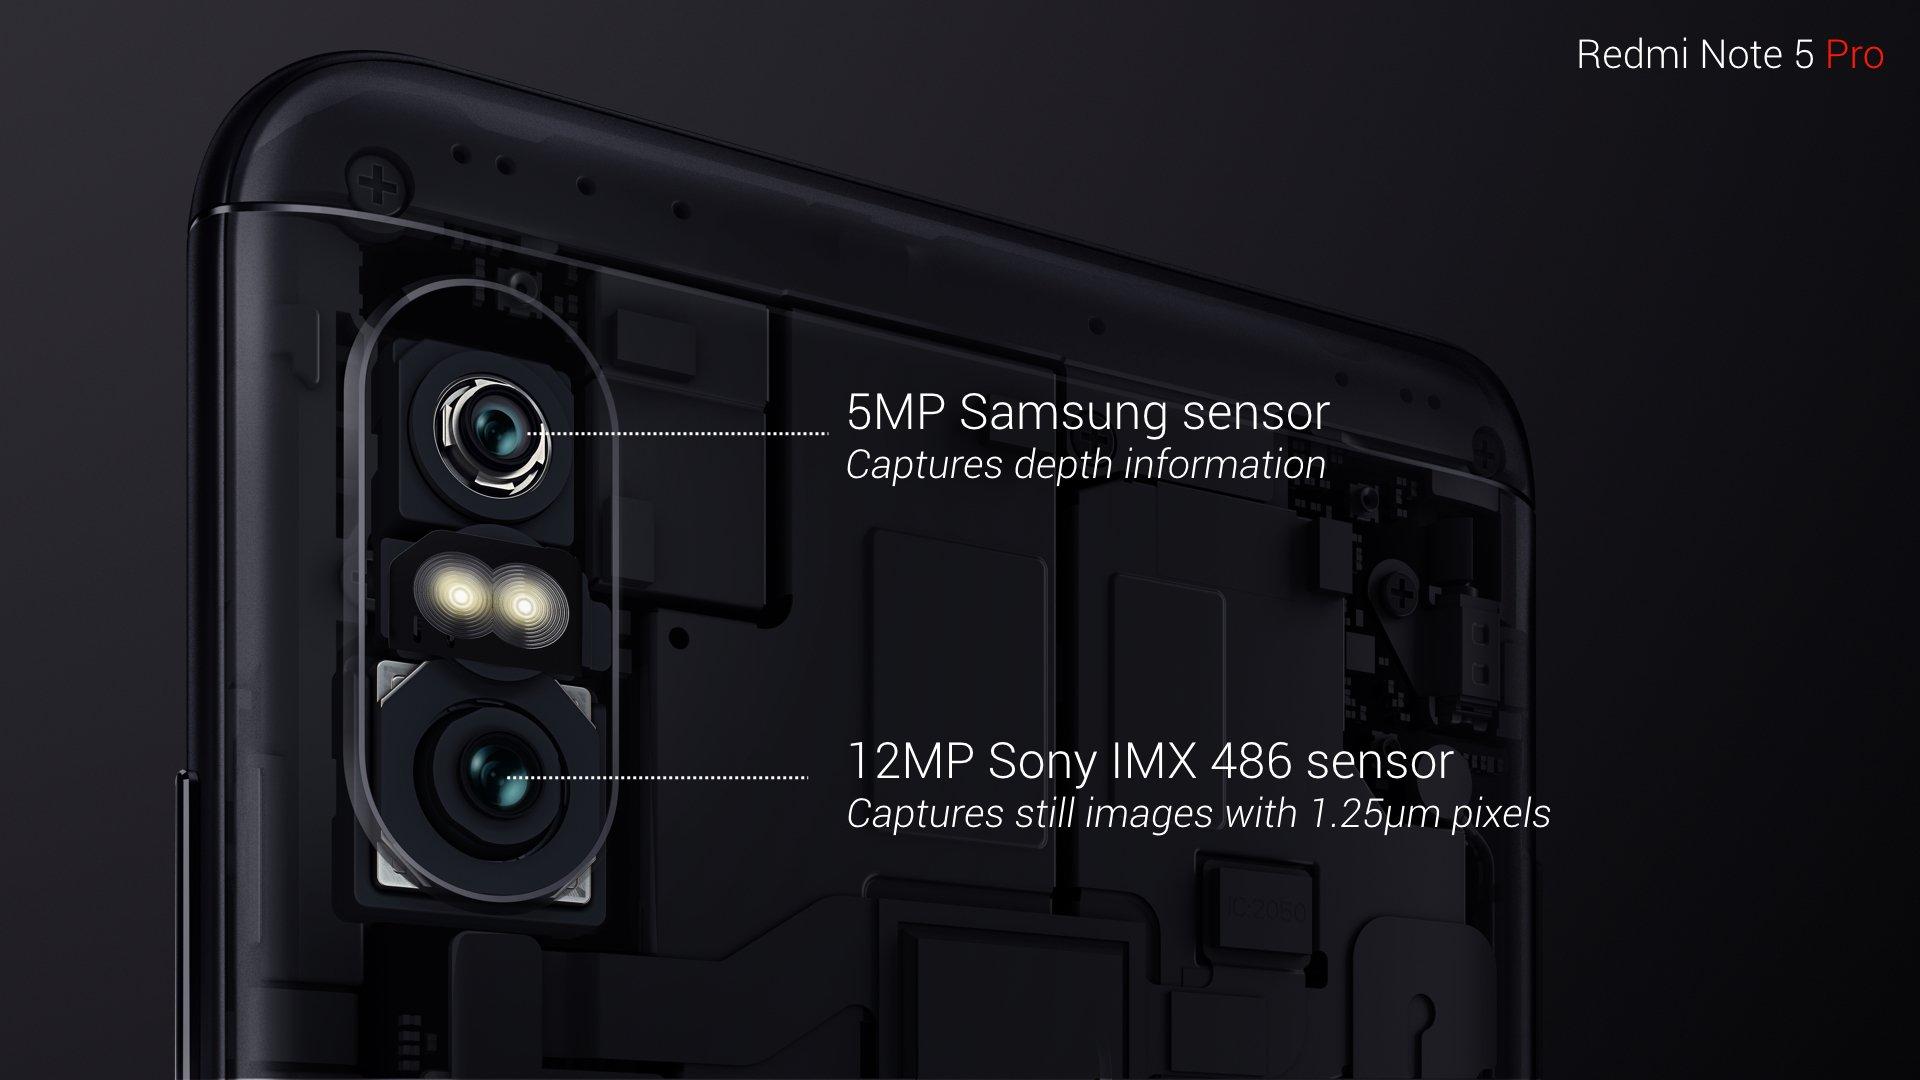 红米noteNote 5/Pro公布:先发骁龙636,配交通信号灯双摄像头